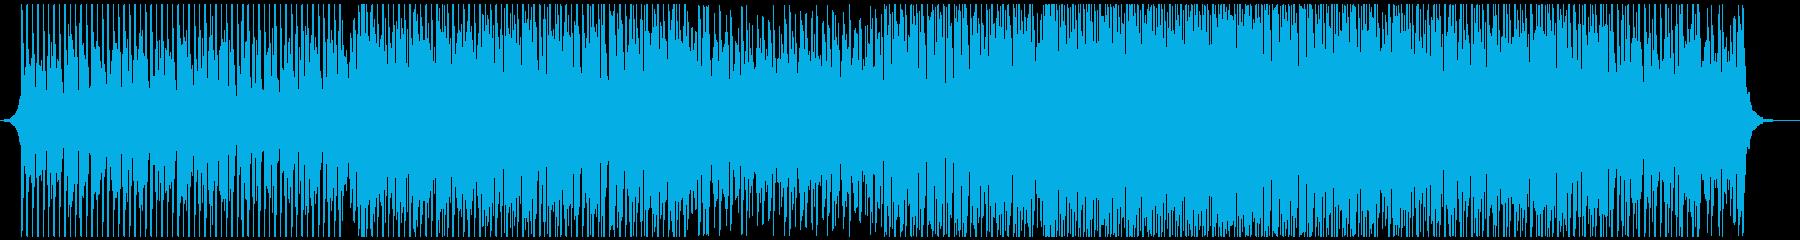 ポップパーティーの再生済みの波形